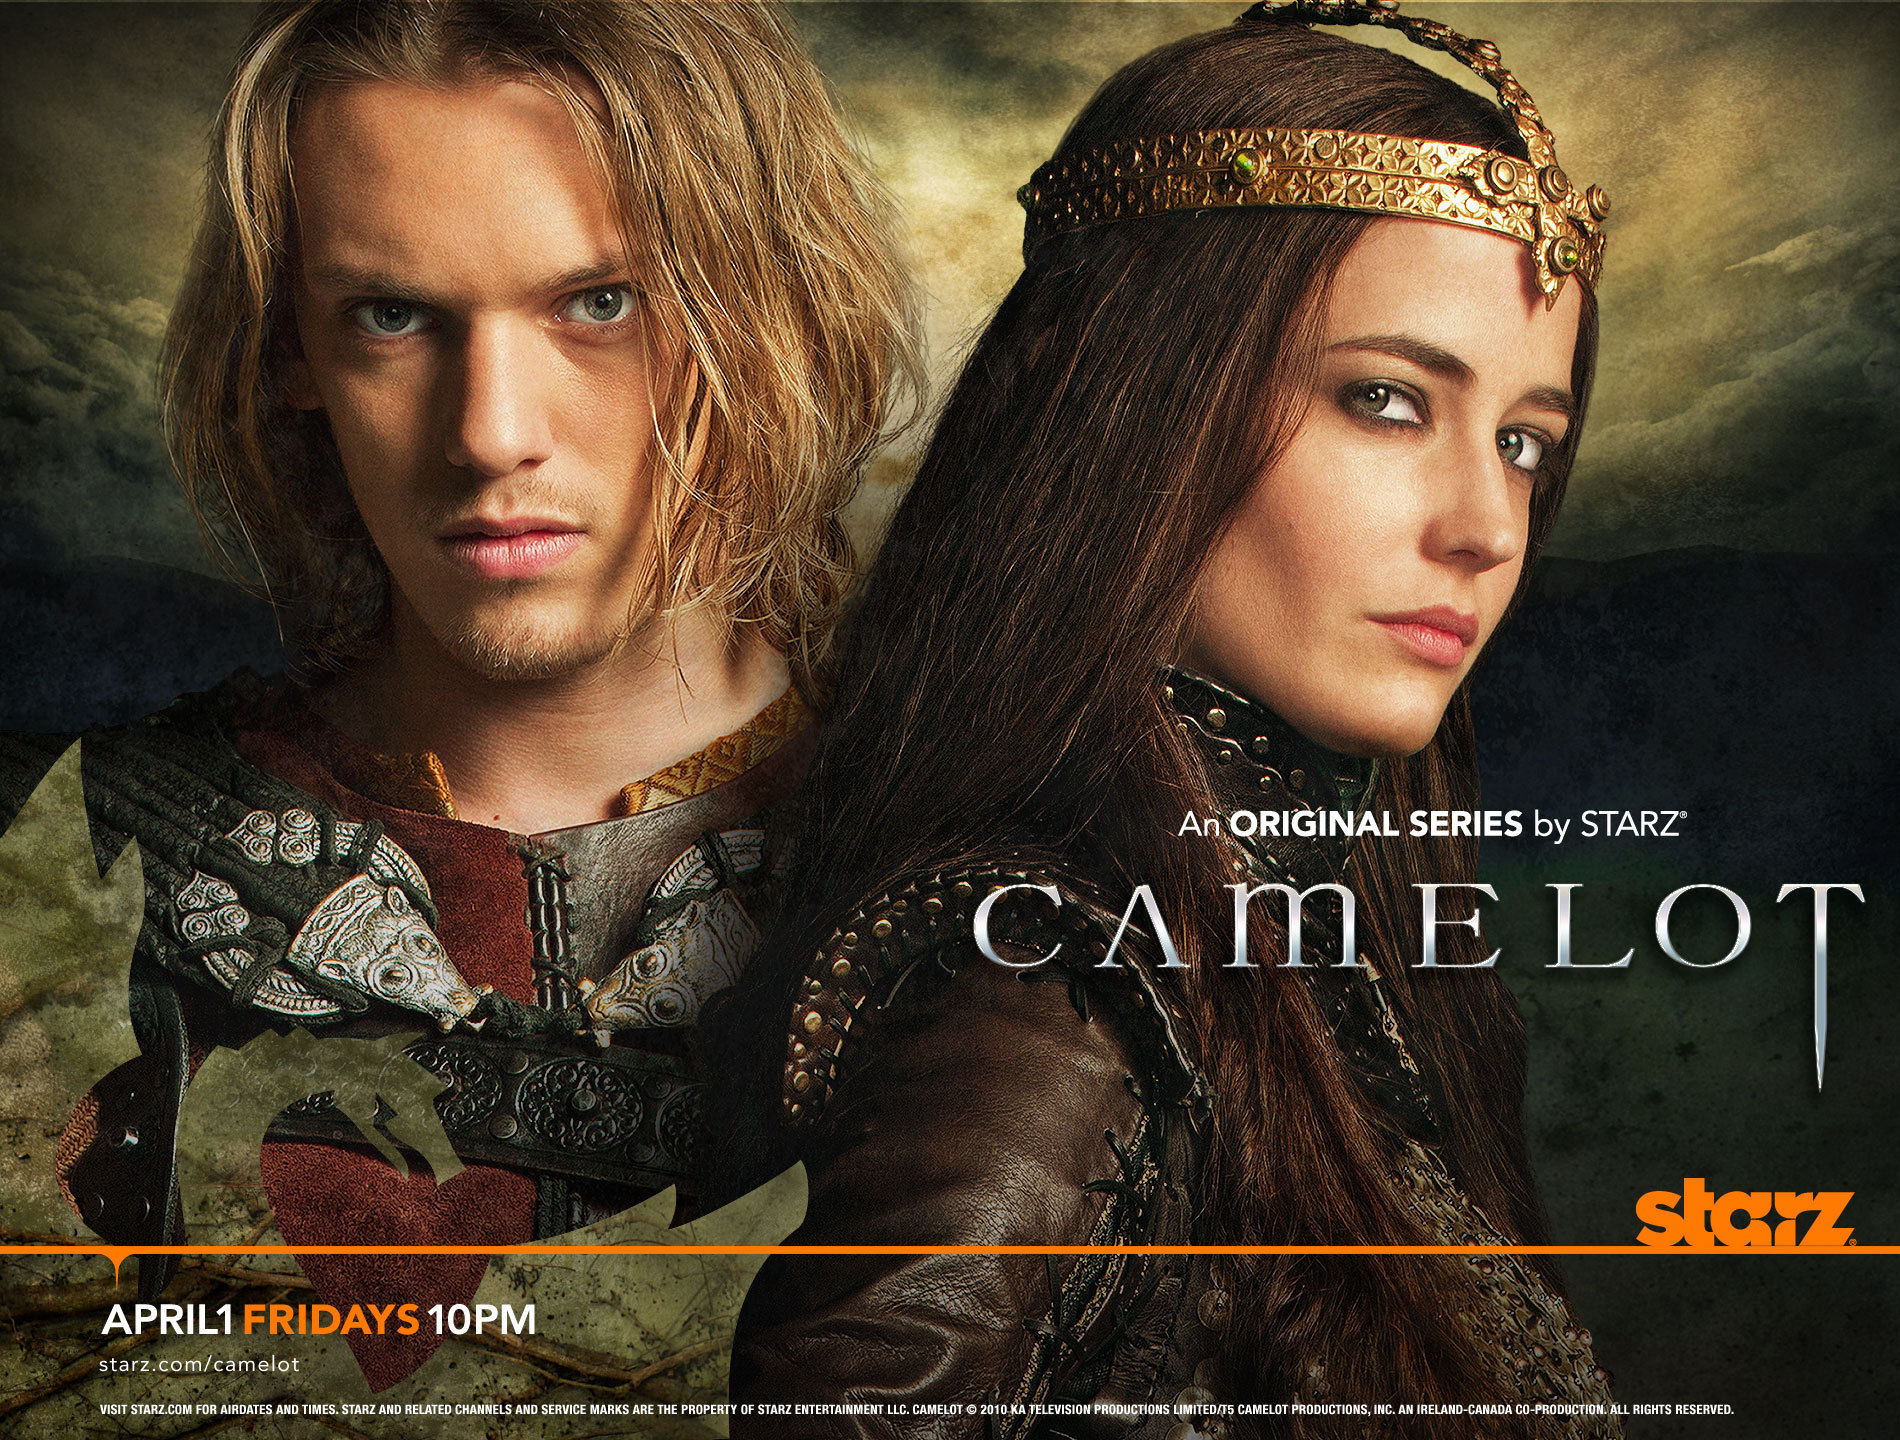 Camelot Camelot 2011 Photo 20883549 Fanpop